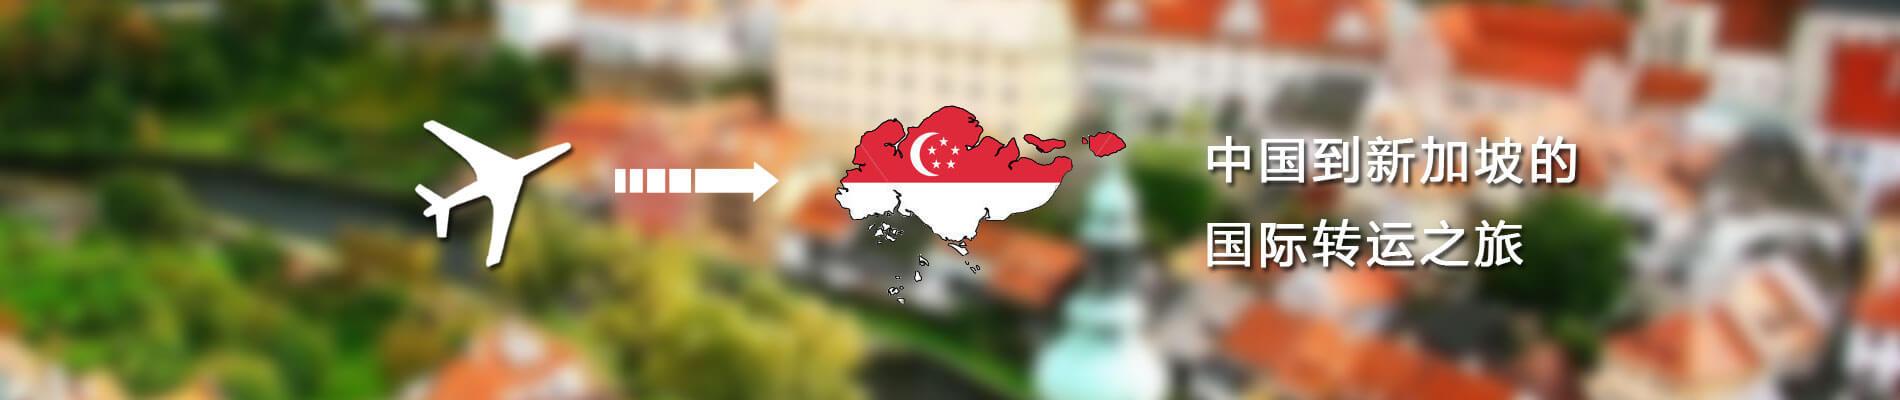 新加坡专题banner